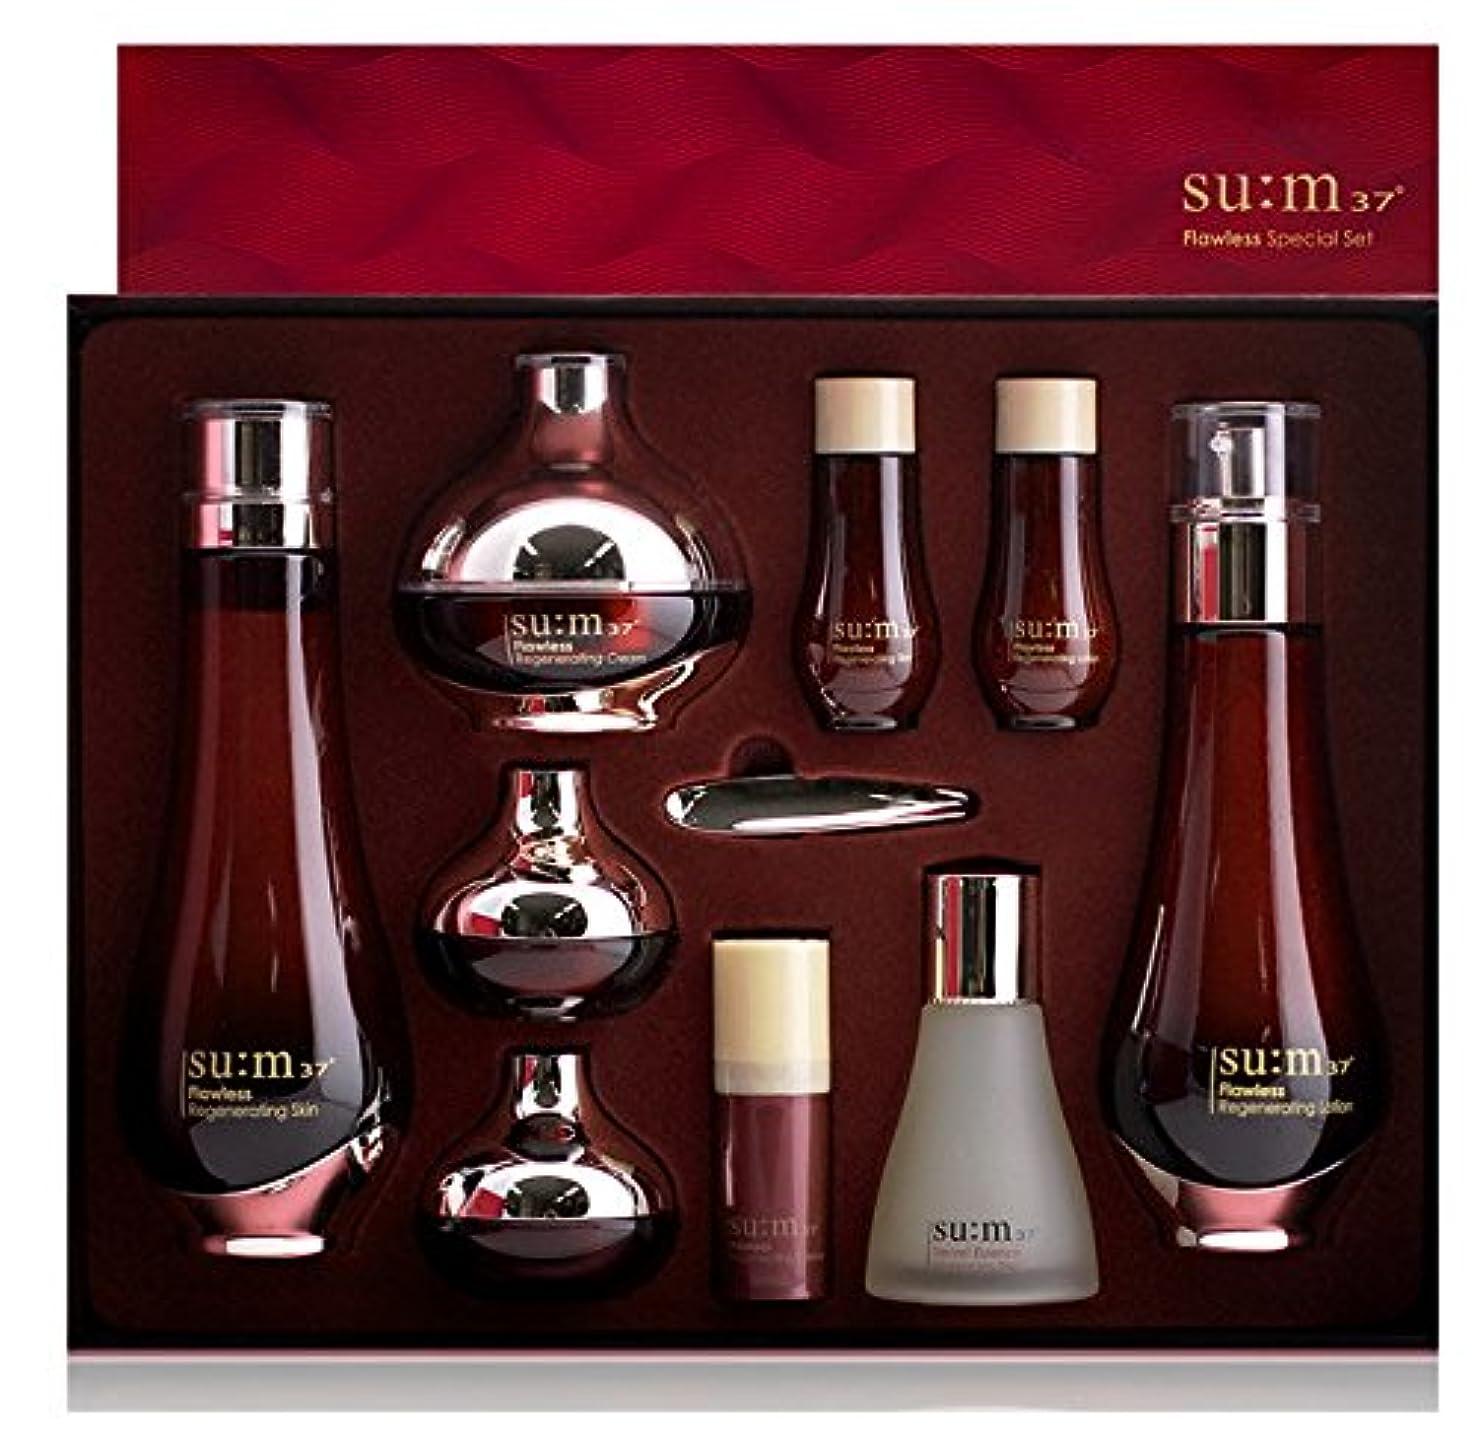 トラップビン彼女自身[su:m37/スム37°]Flawless 3pcs Special Limited Skincare Set/フローレス3種のスキンケアセット + [Sample Gift](海外直送品)